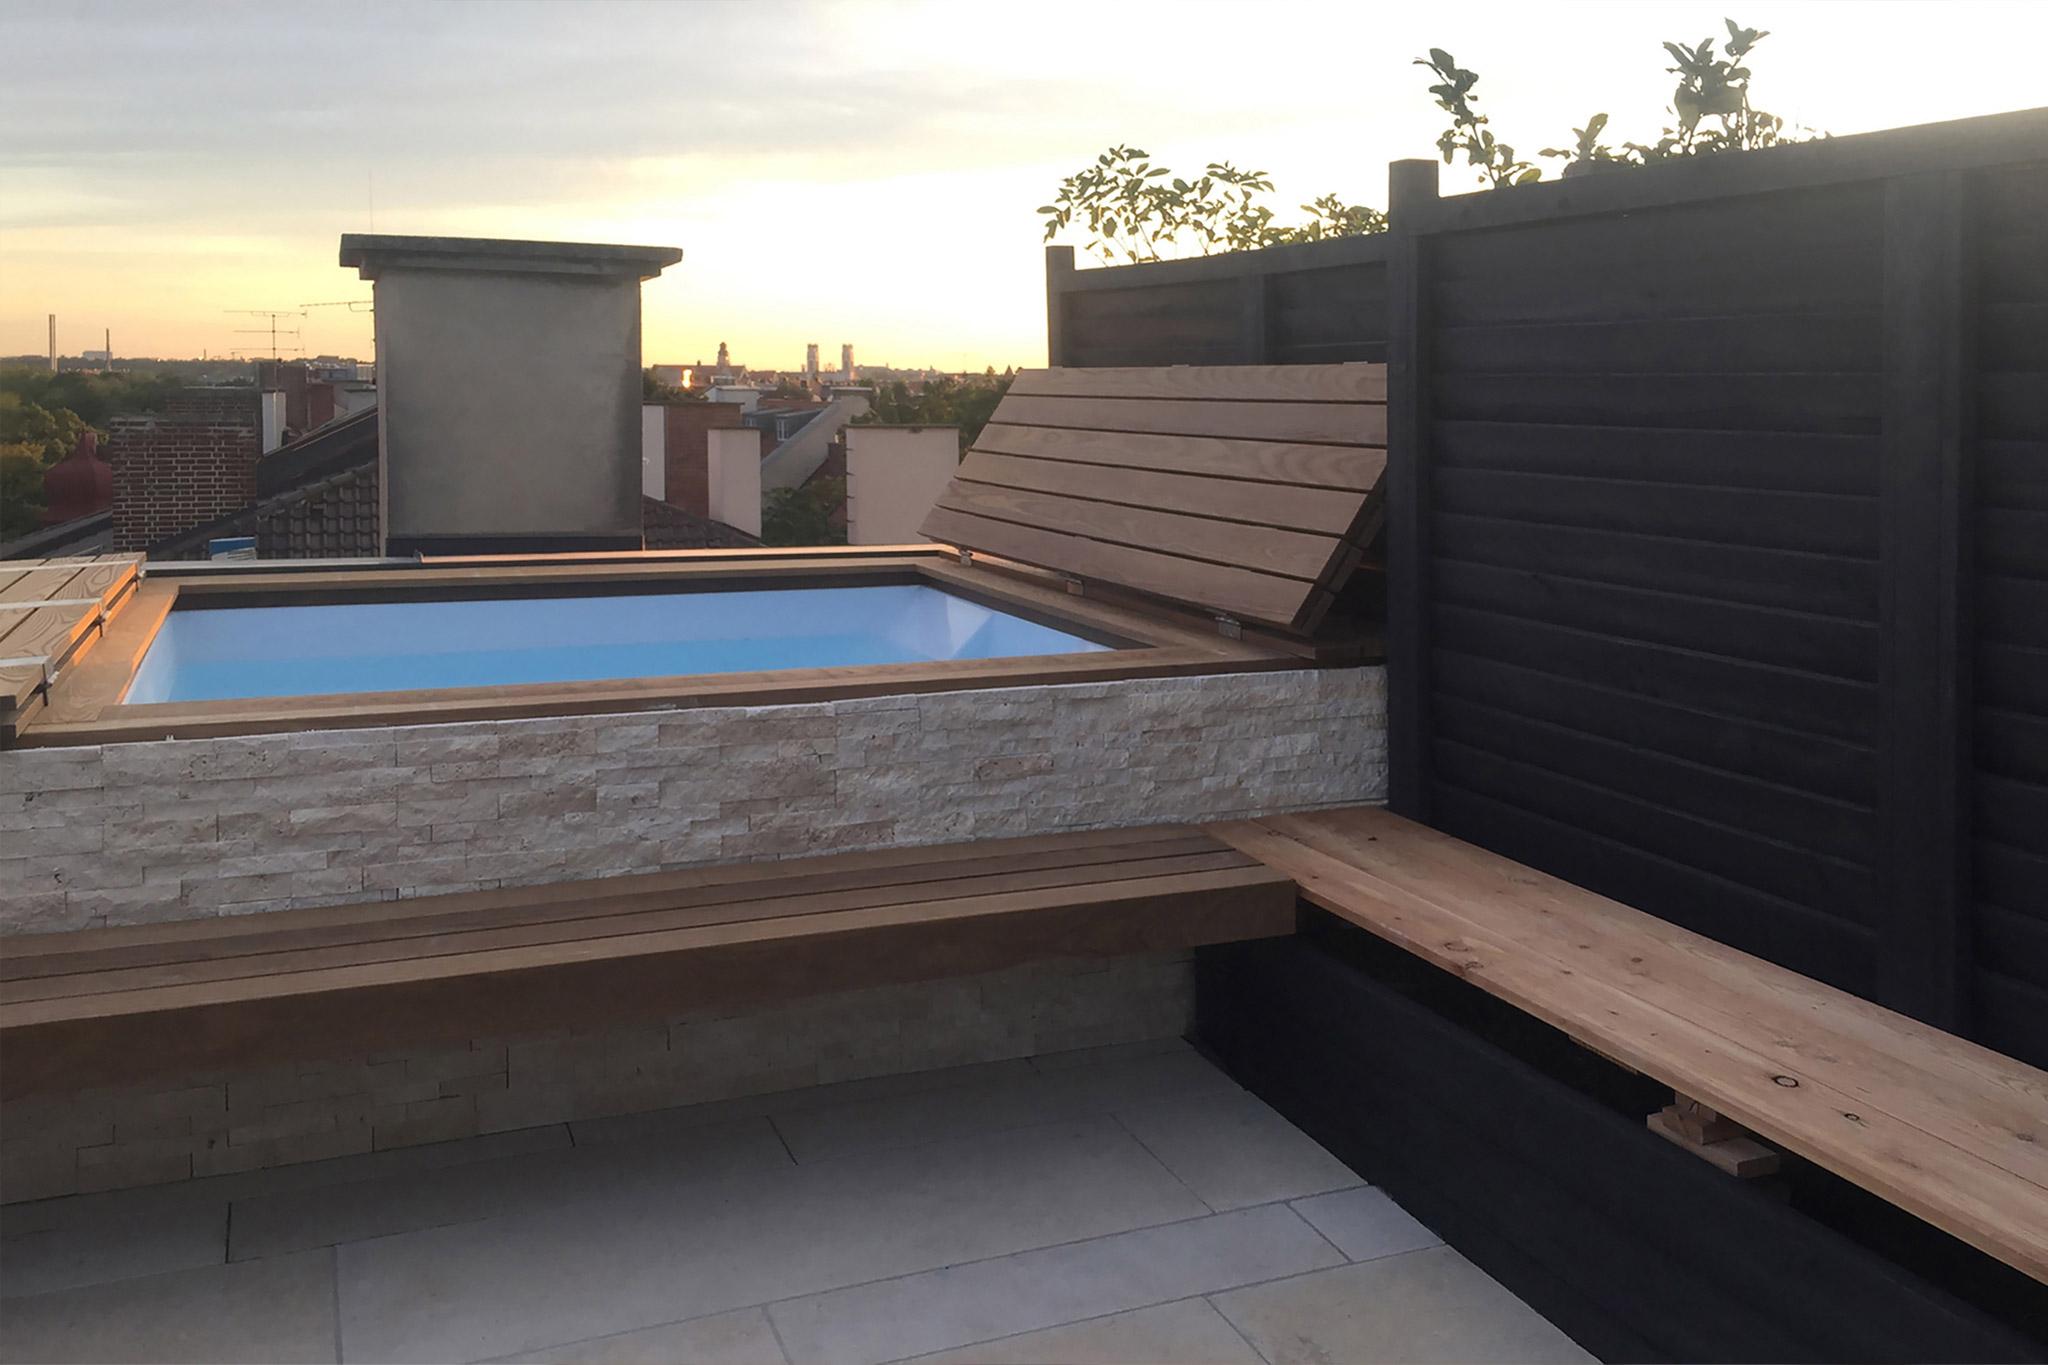 Sarger Architekten: Umbau und Sanierung einer bestehenden Dachterrasse am Baldeplatz in München